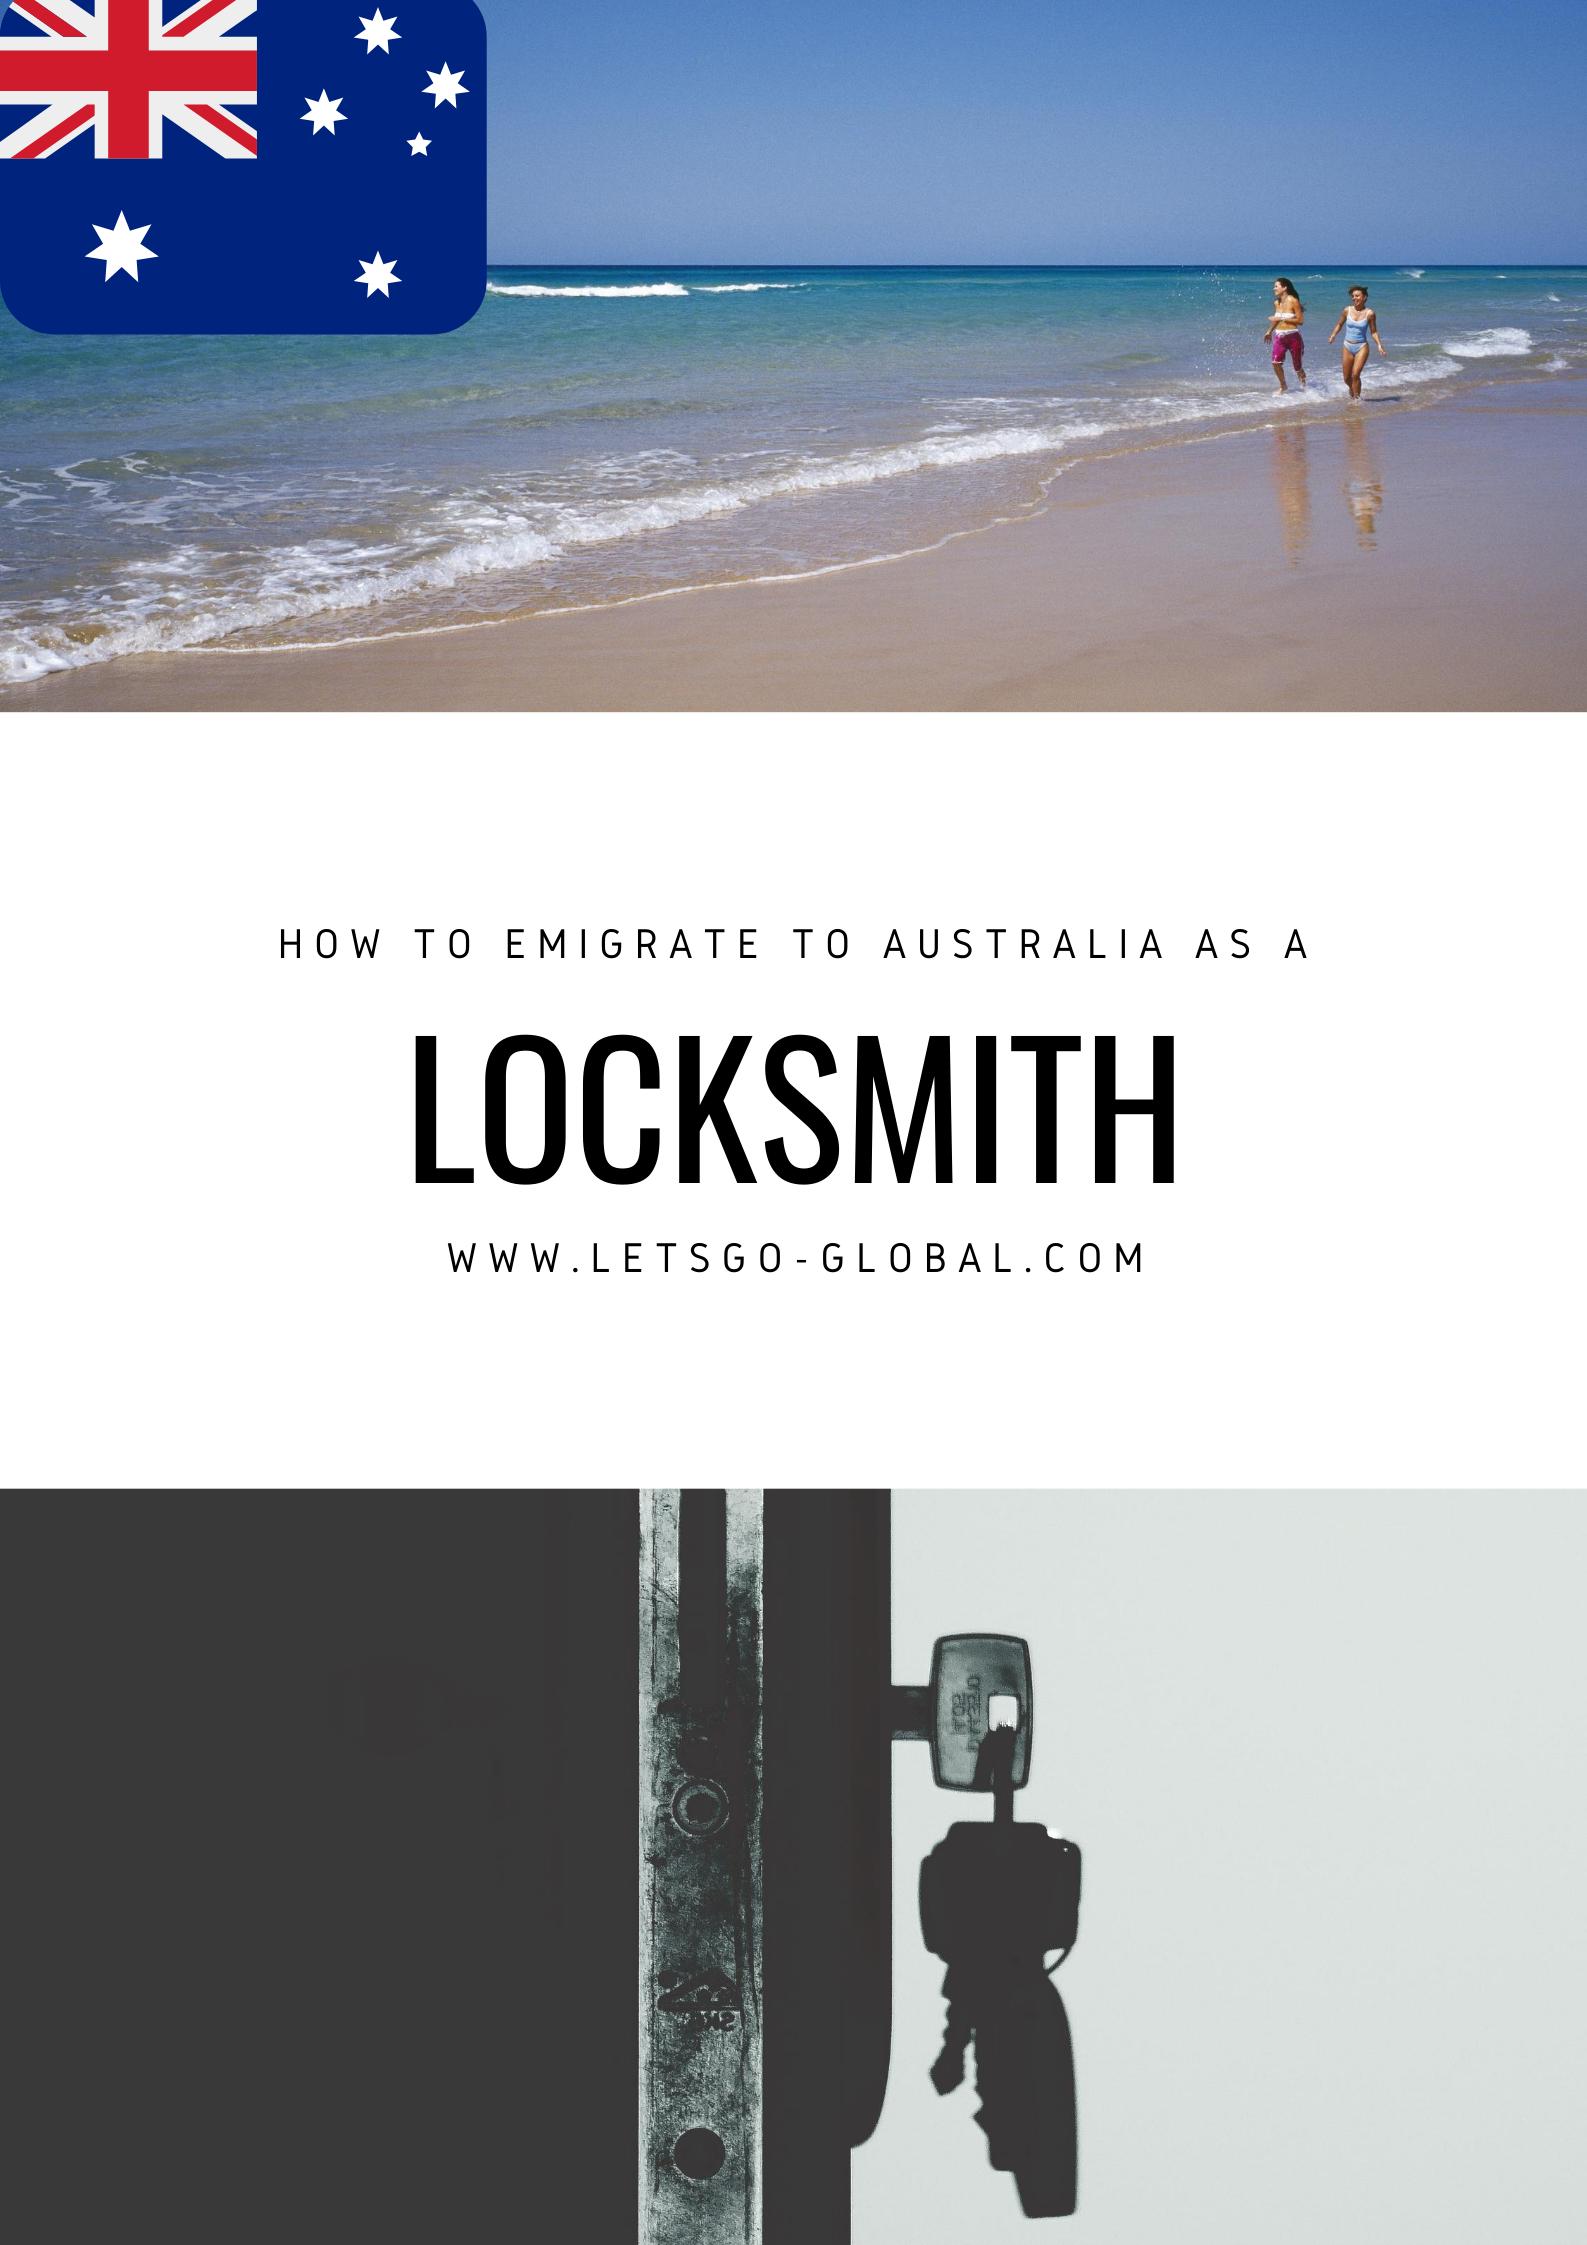 Migrate to Australia as a Locksmith